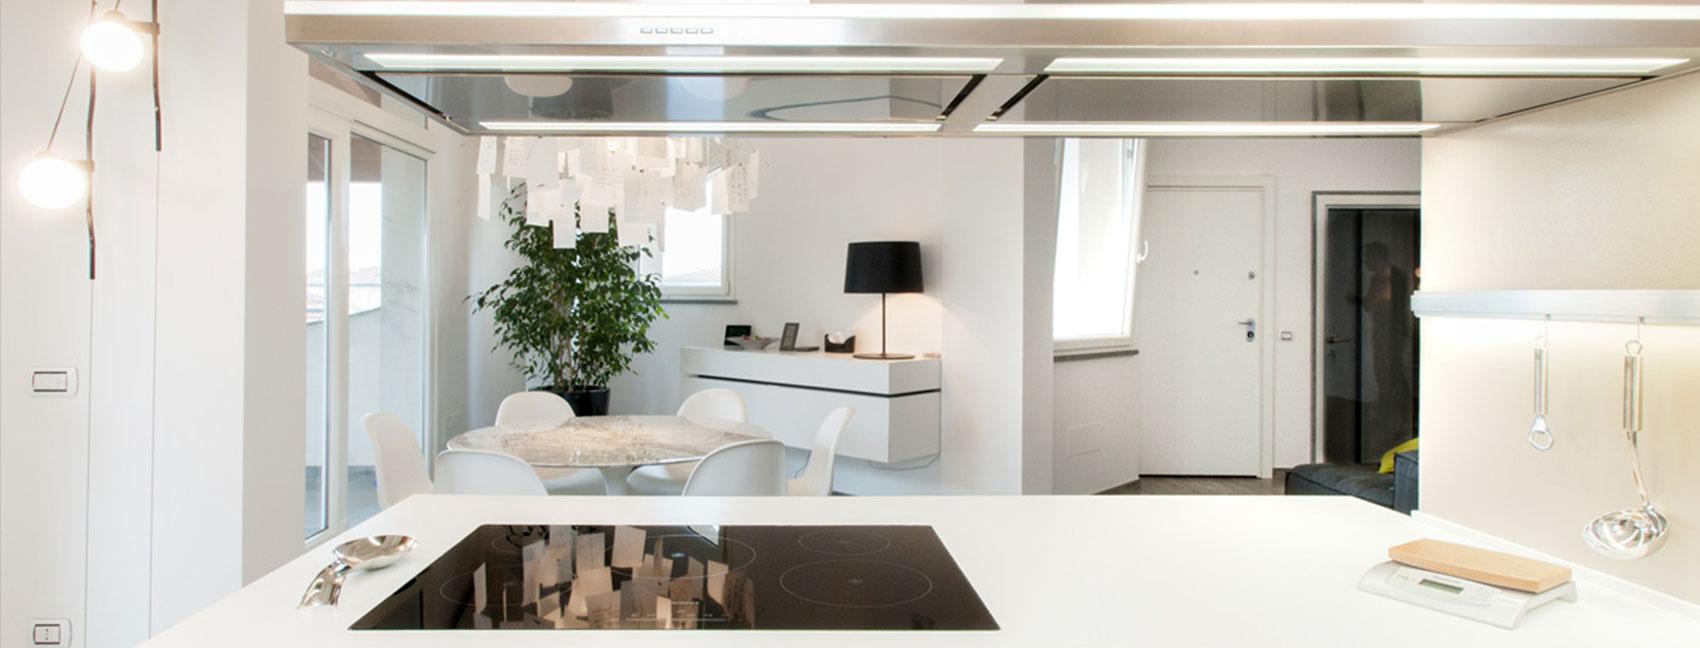 Studio arredamento interni for Arredamento prato